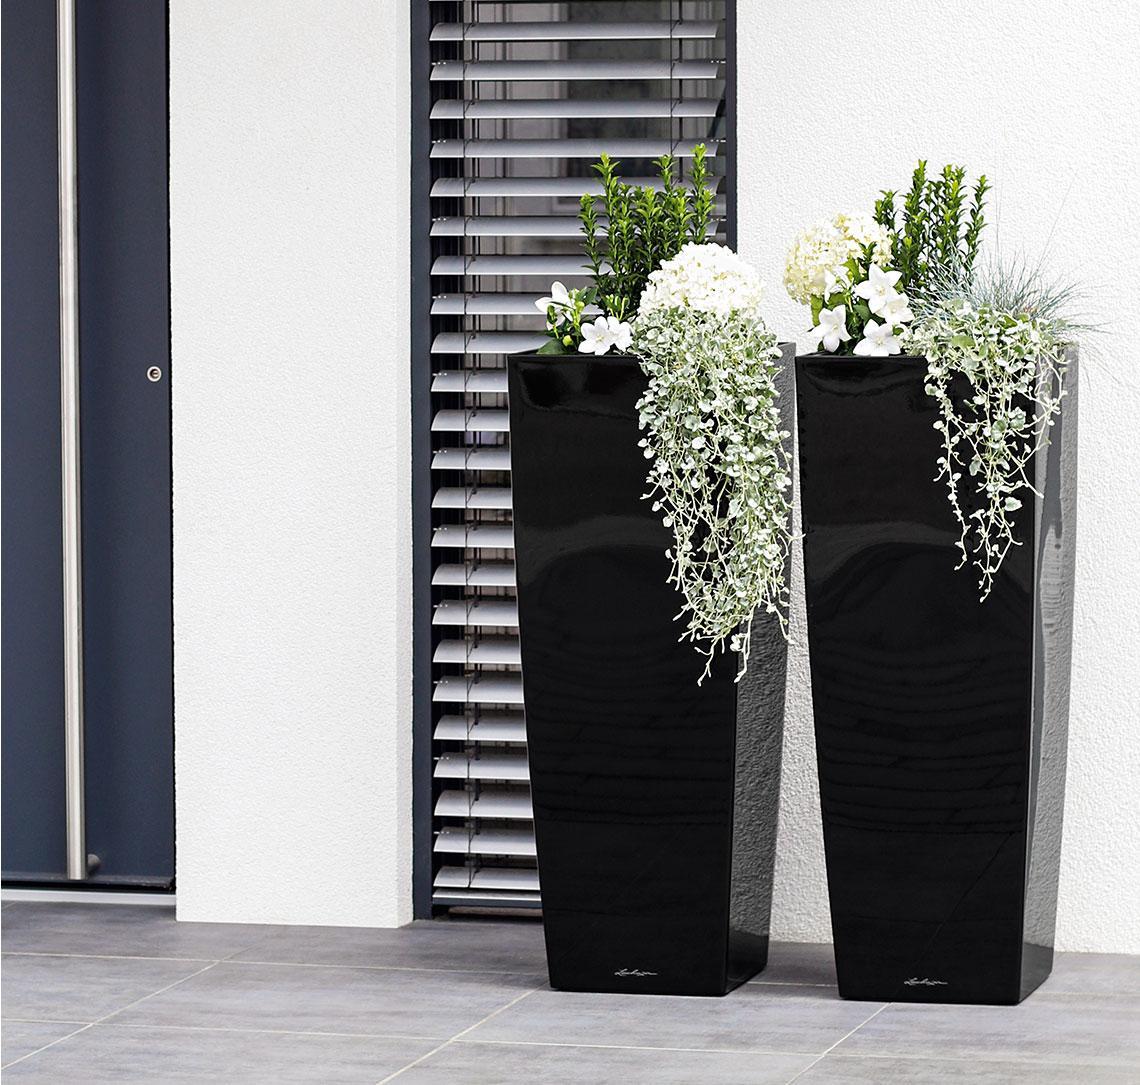 CUBICO Alto в глянцевом черном цвете с современным озеленением у входа в дом